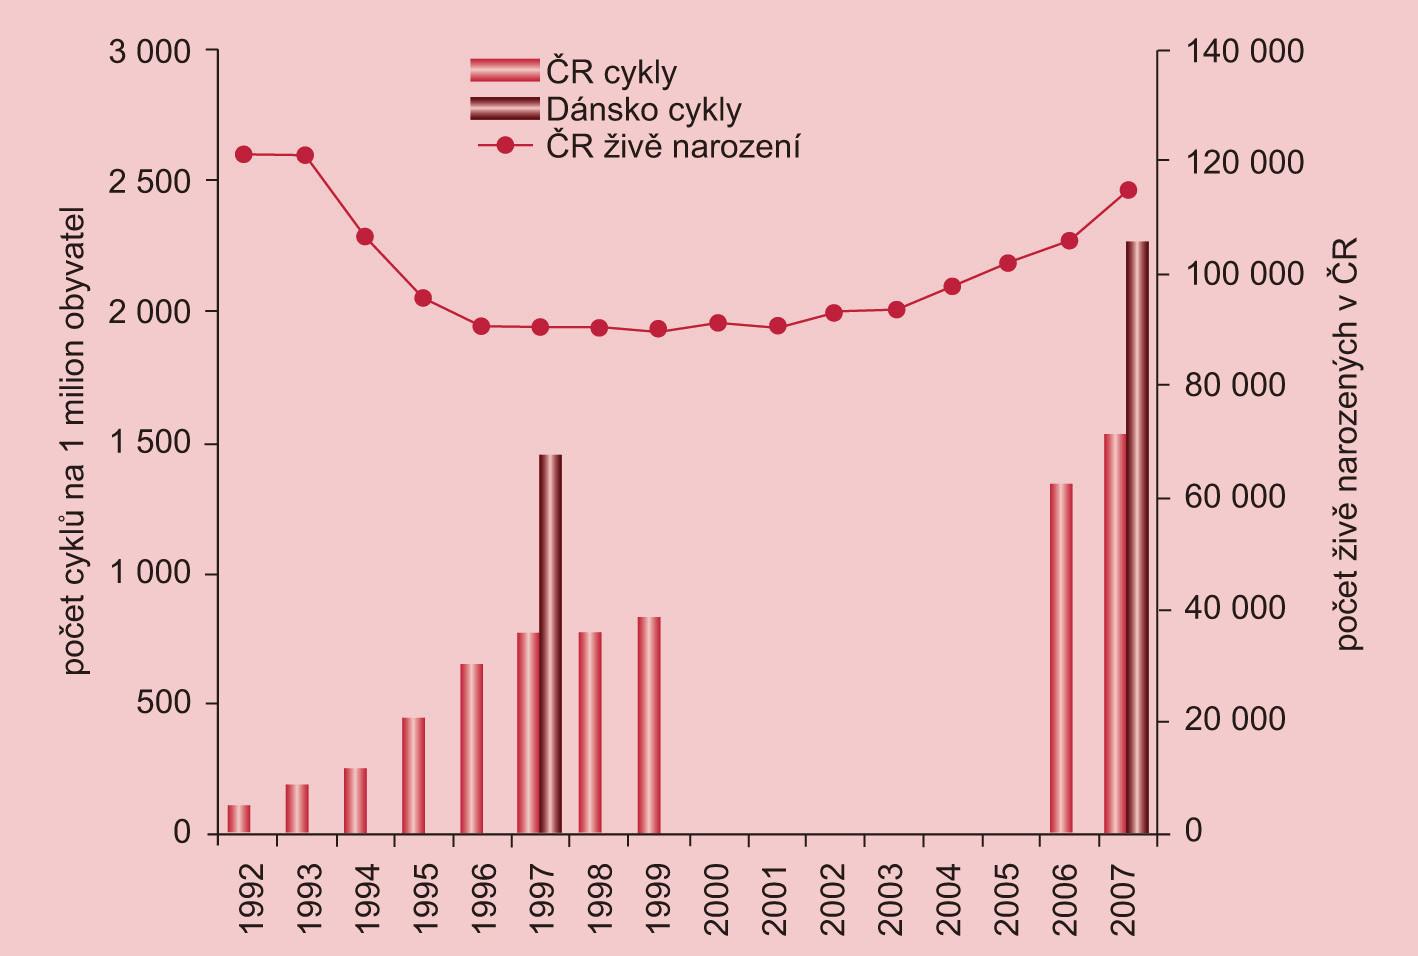 Srovnání vývoje počtu cyklů na 1 milion obyvatel v ČR a v Dánsku a vývoj počtu živě narozených v ČR. V letech 2000–2005 nejsou úplná data pro ČR.